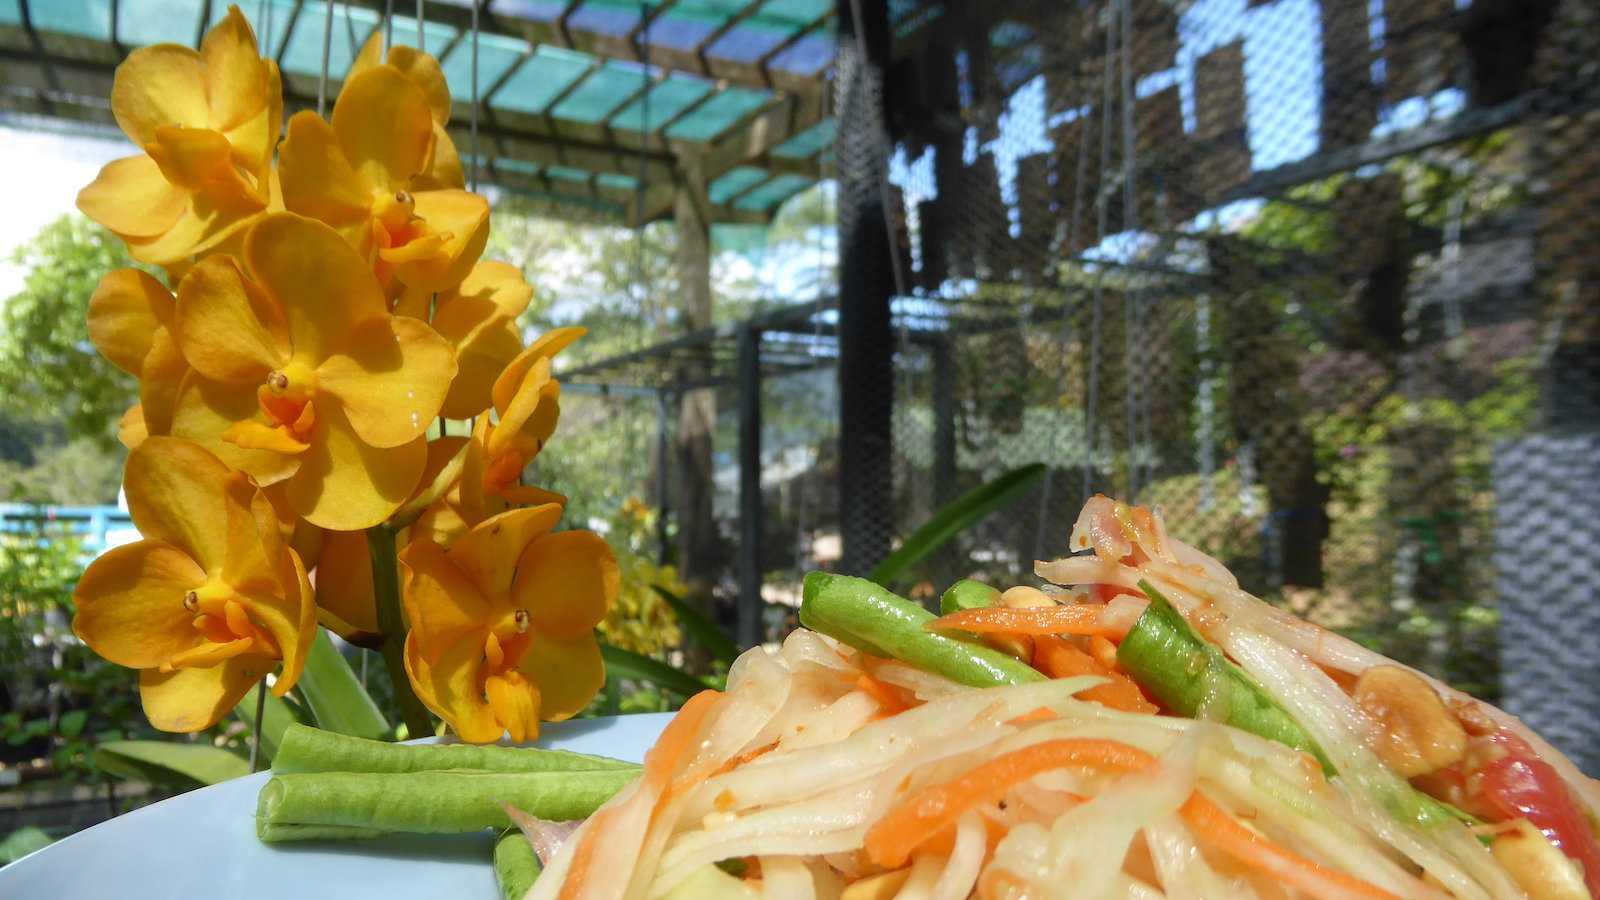 Som Tam é a salada mais popular da Tailândia e uma mistura ardente de sabores picantes, doces, salgados e ácidos